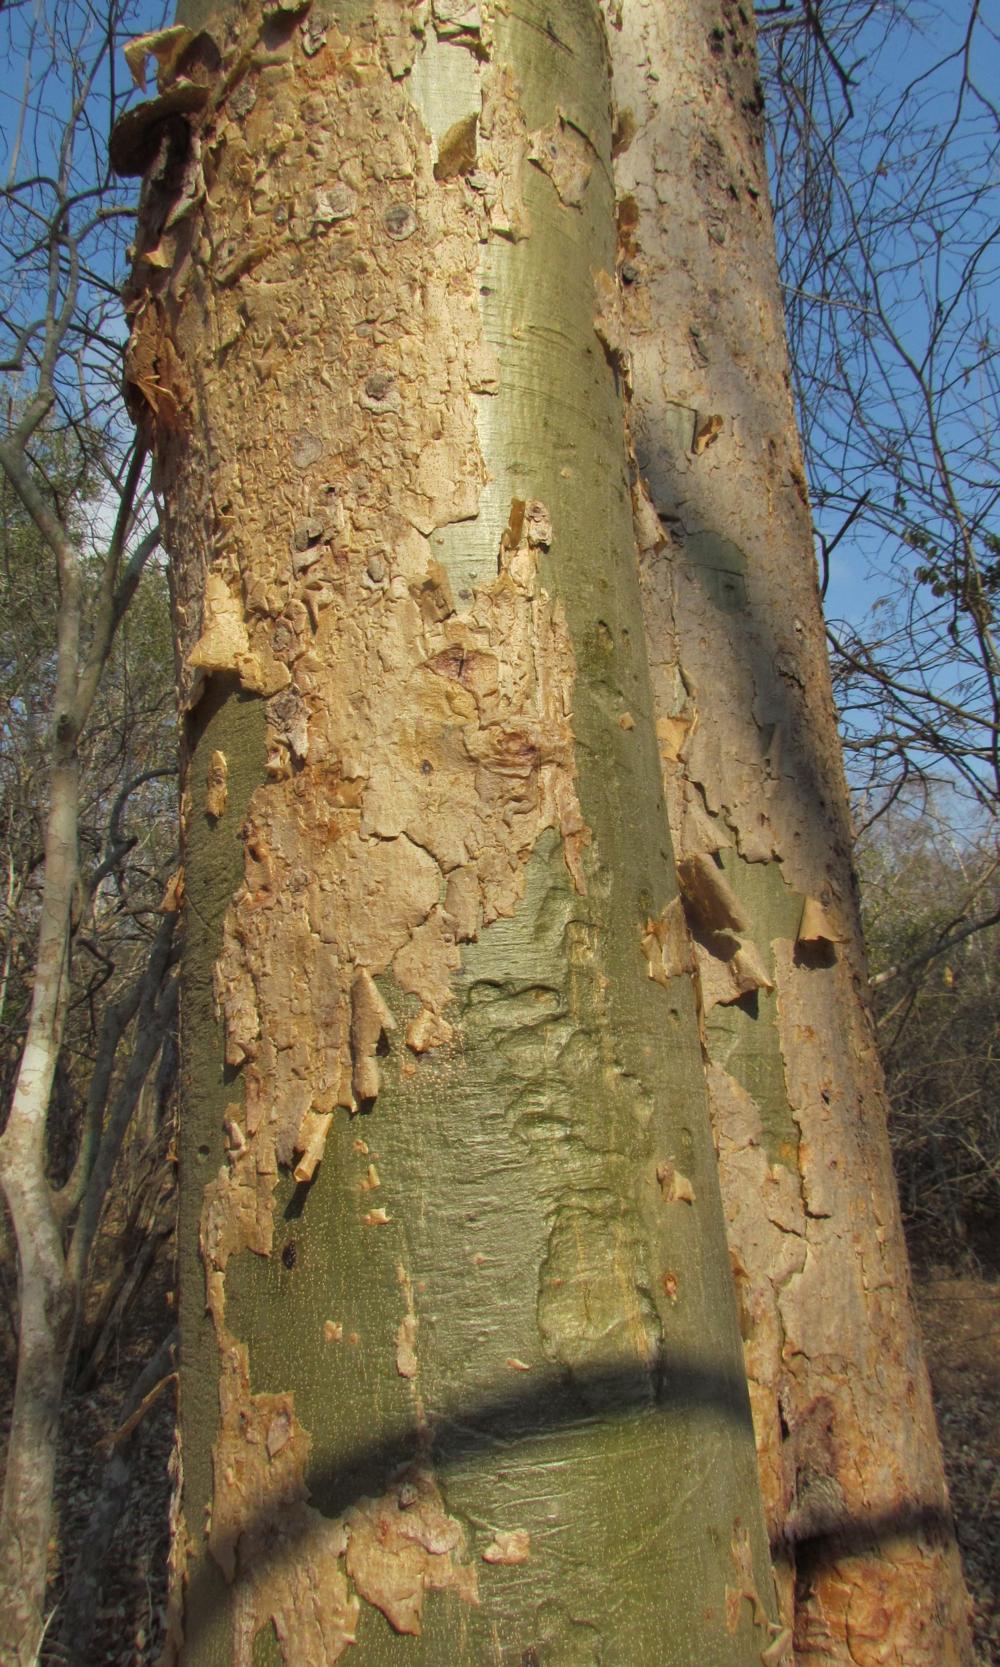 Panga Panga bark